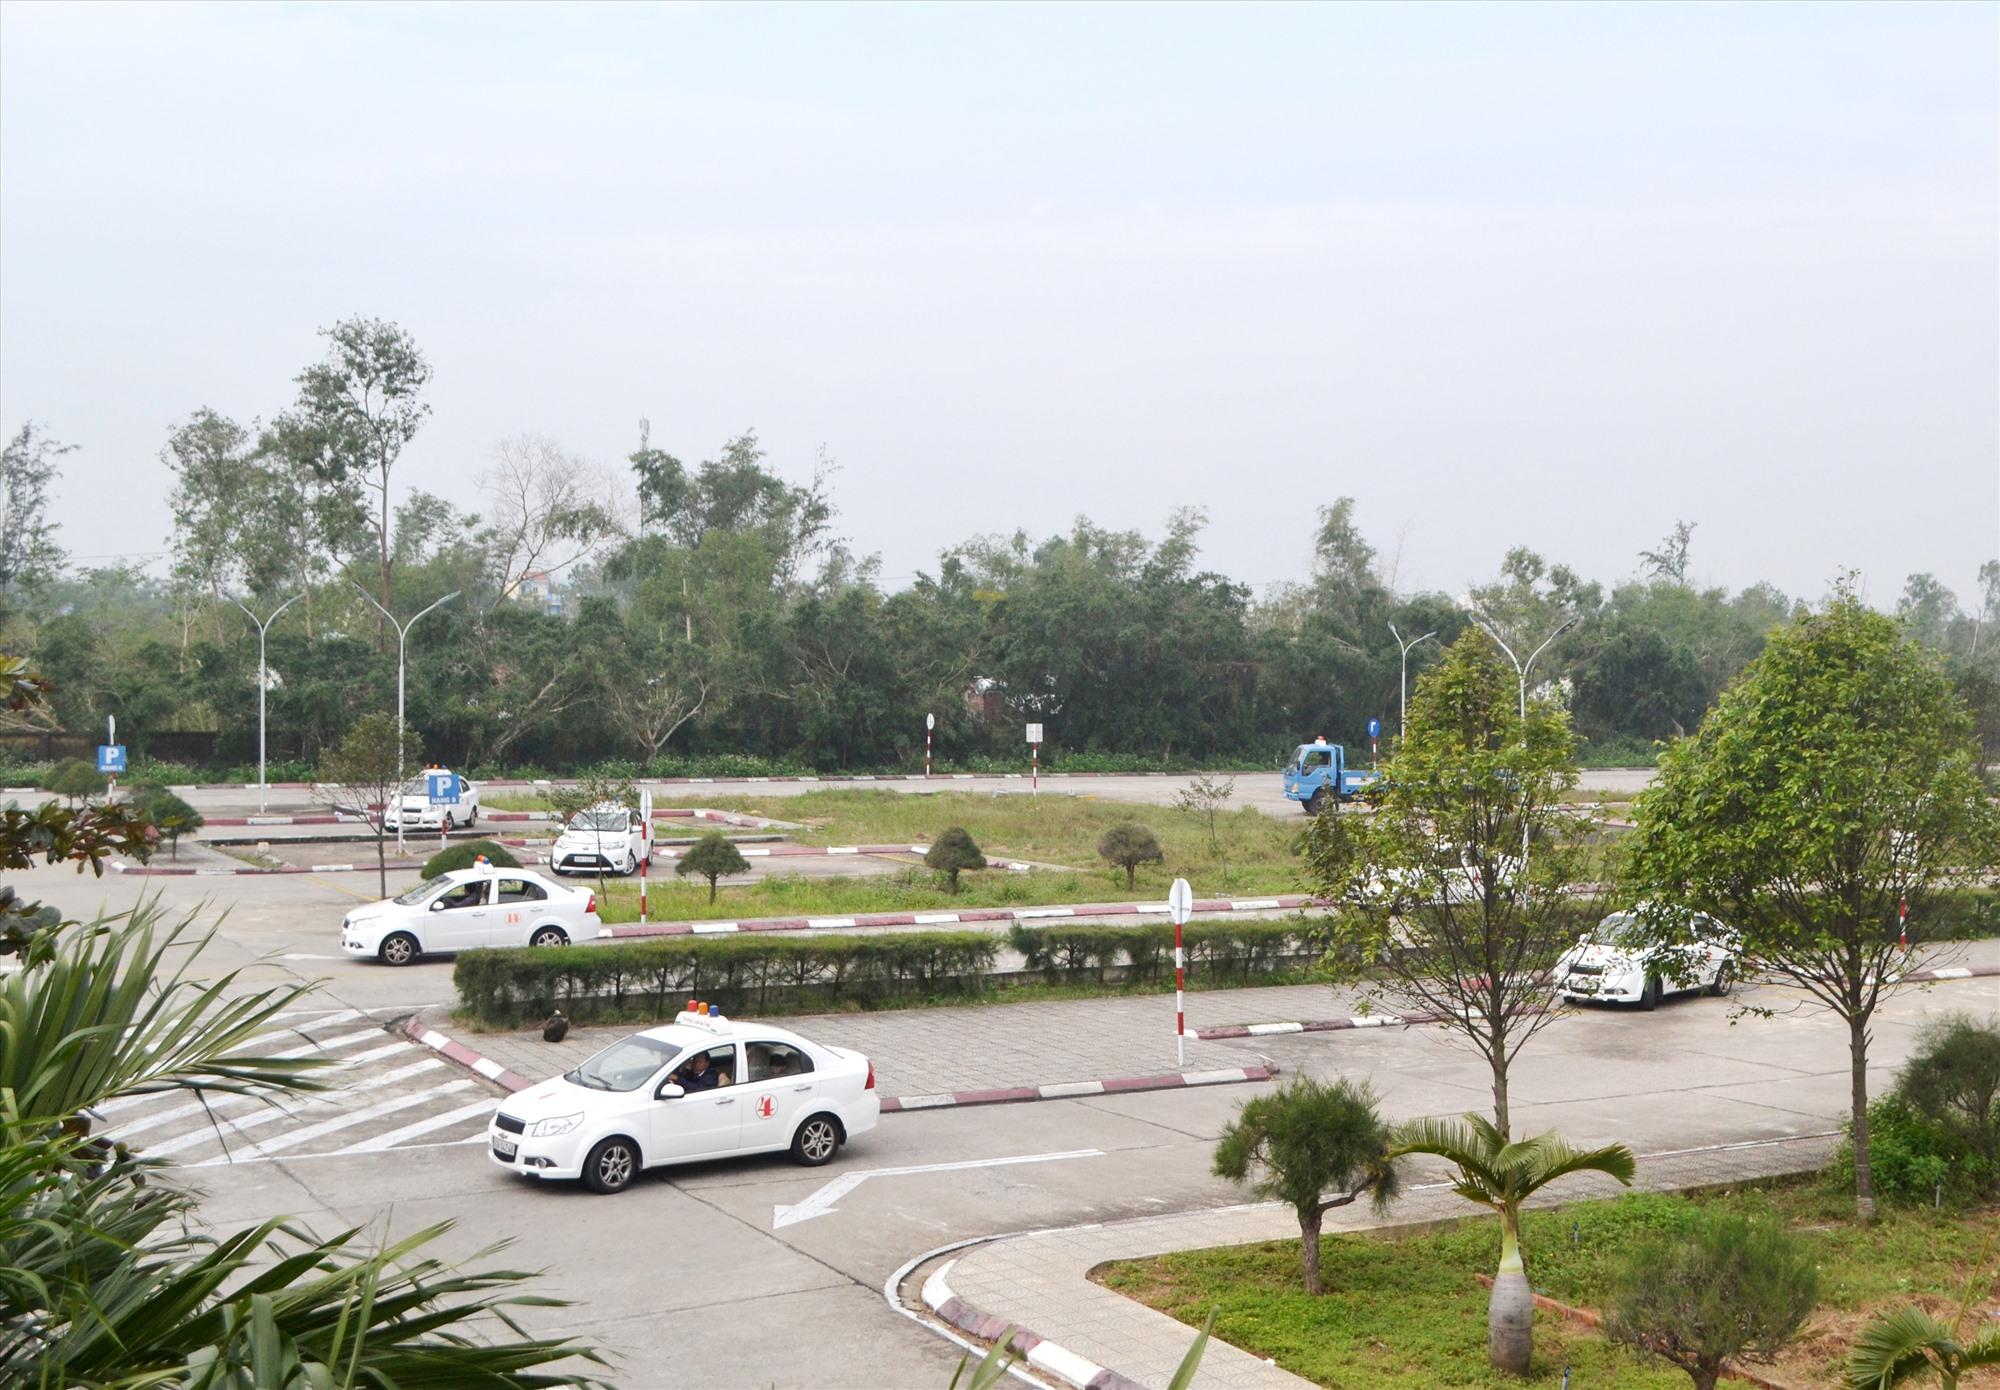 Trung tâm sát hạch lái xe Quảng Nam (đóng tại Thăng Bình) là địa điểm được Sở GTVT chọn tổ chức nhiều khóa sát hạch lái xe. Ảnh: C.T